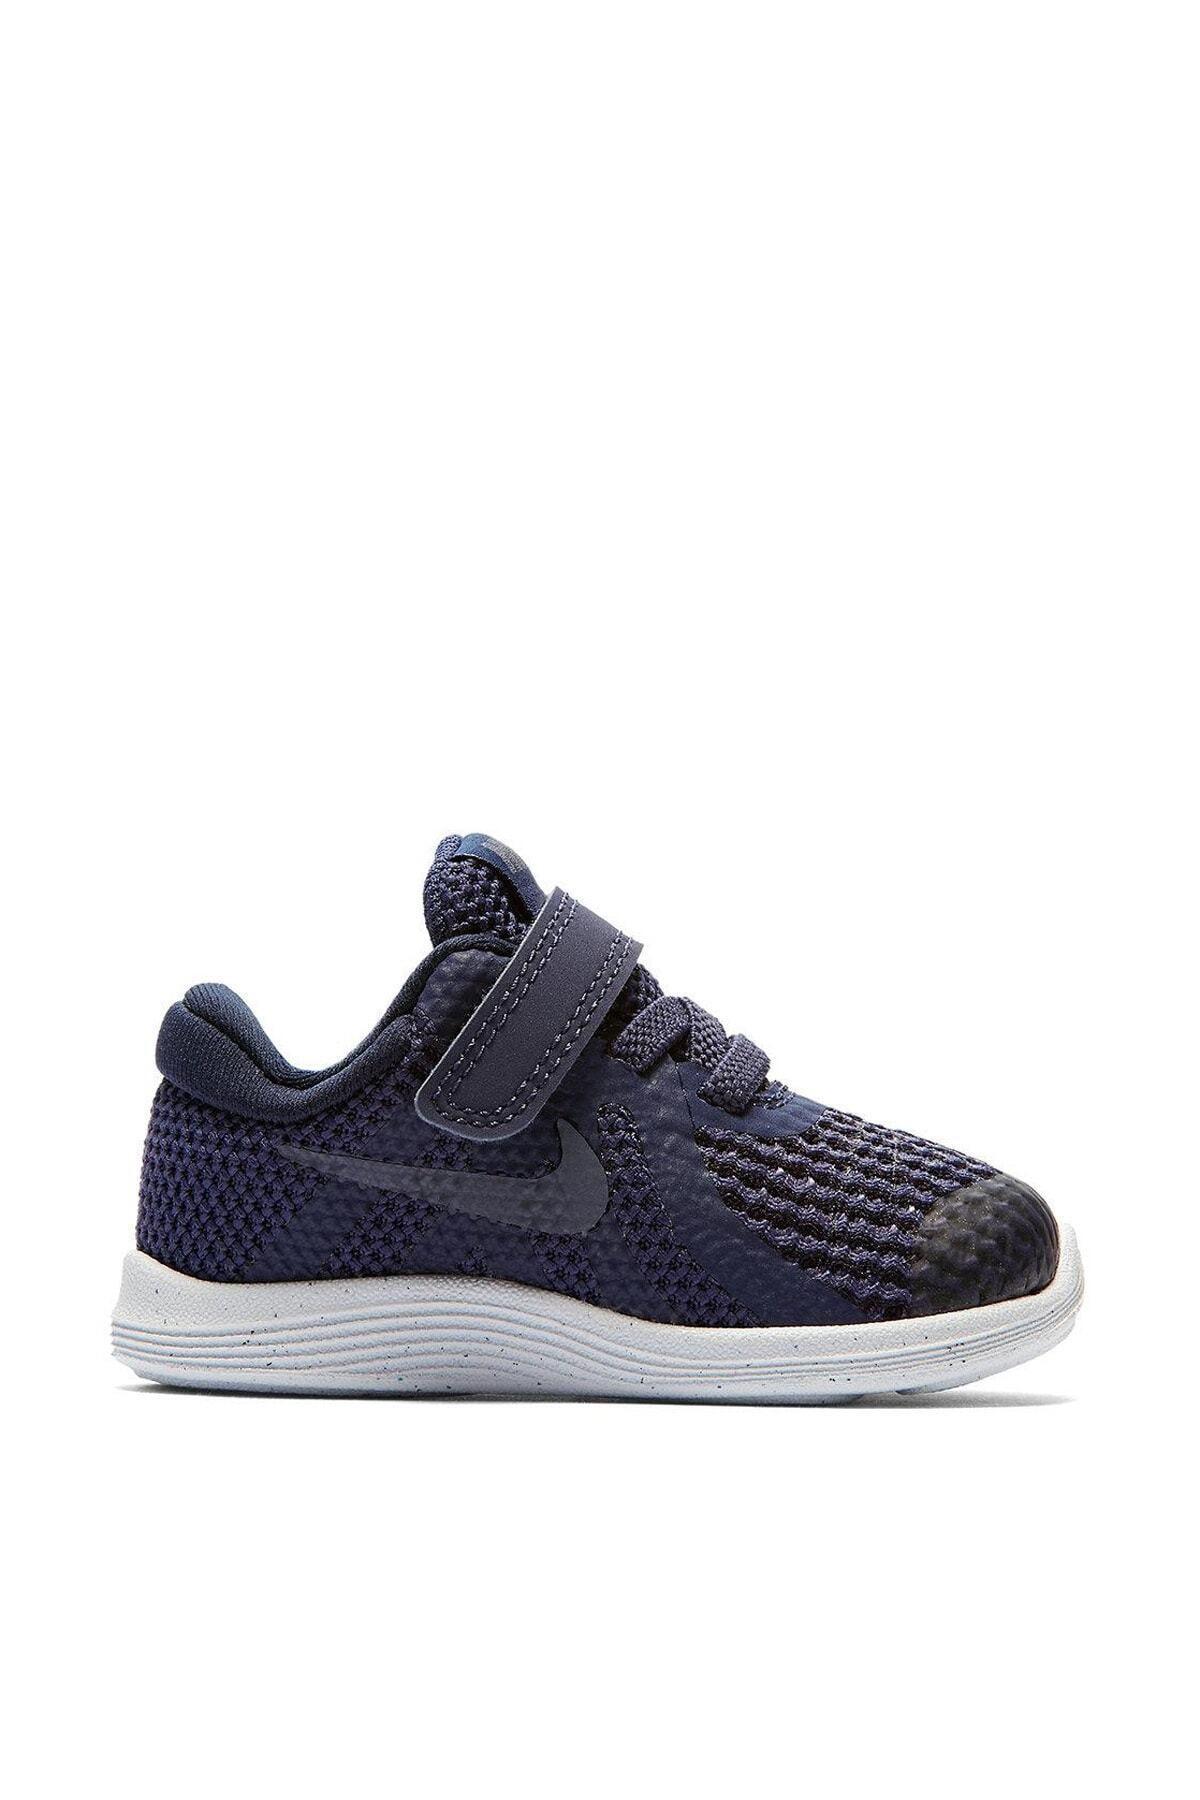 Nike Kids Lacivert 943304-501 Revolutıon Bebek Ayakkabısı 1